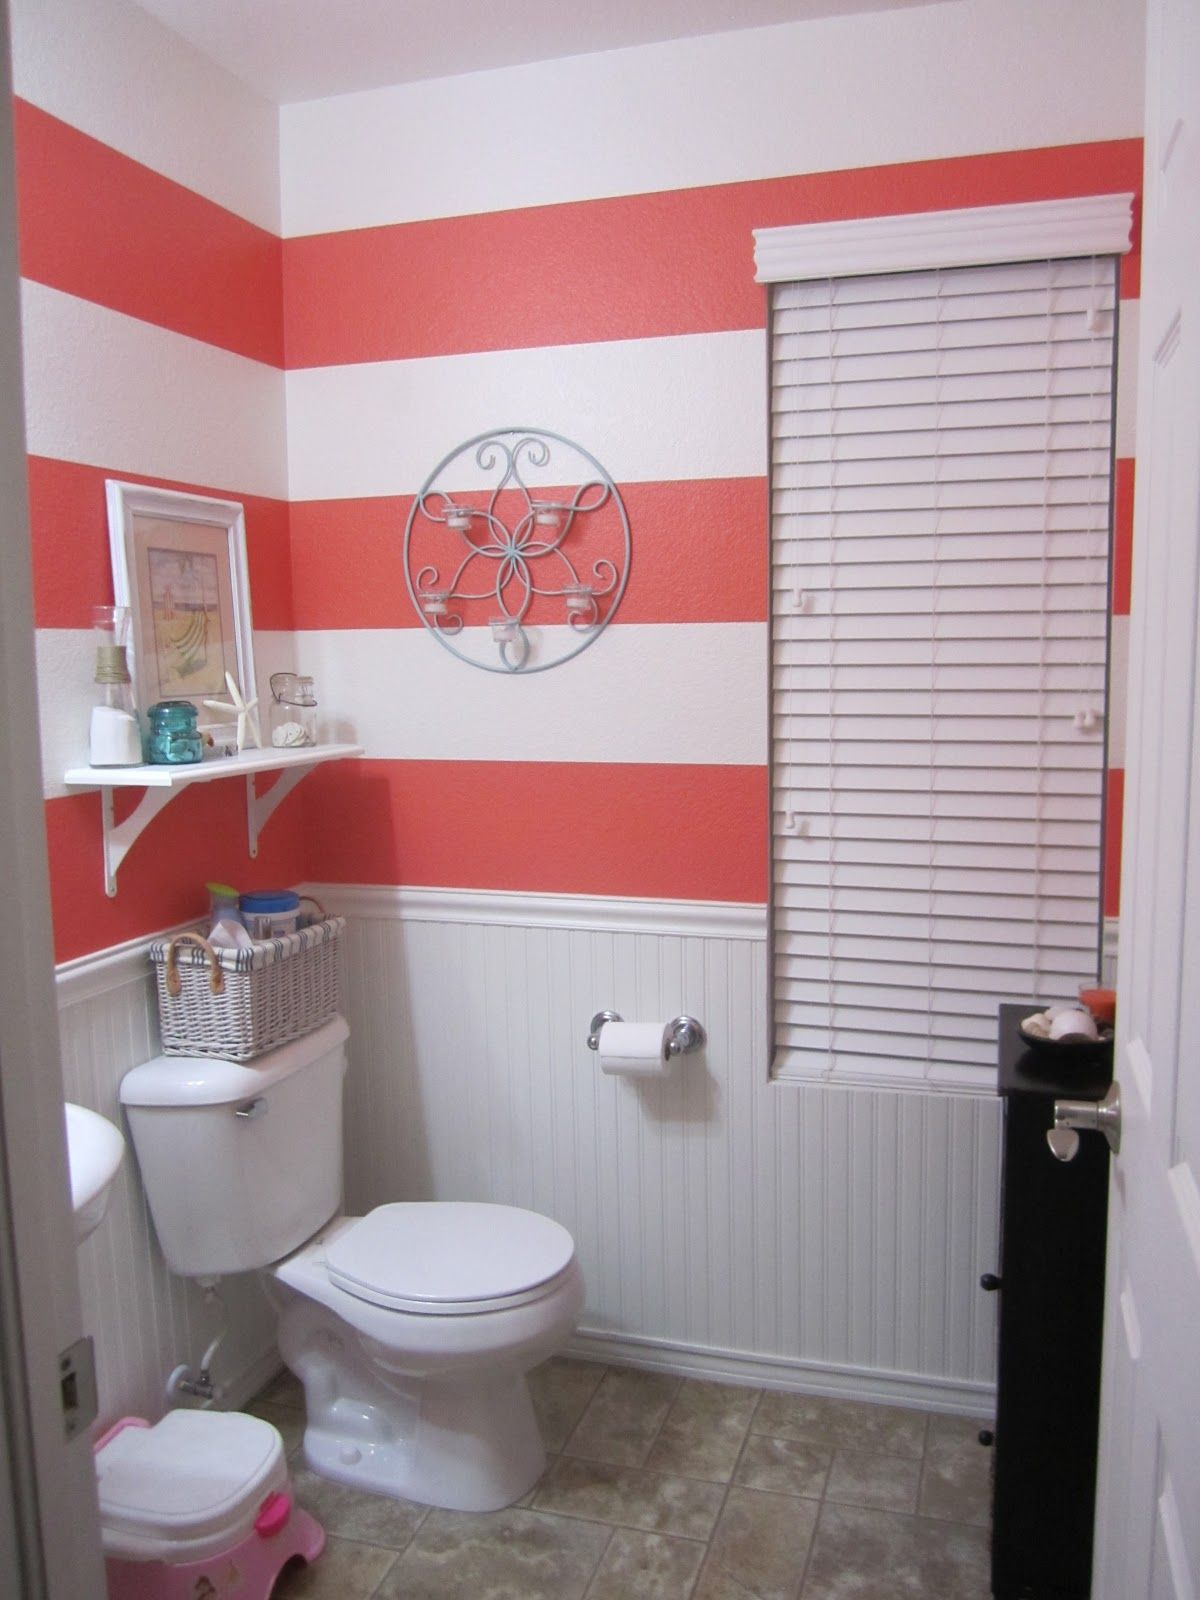 Coral Color Bathroom Wall Decor